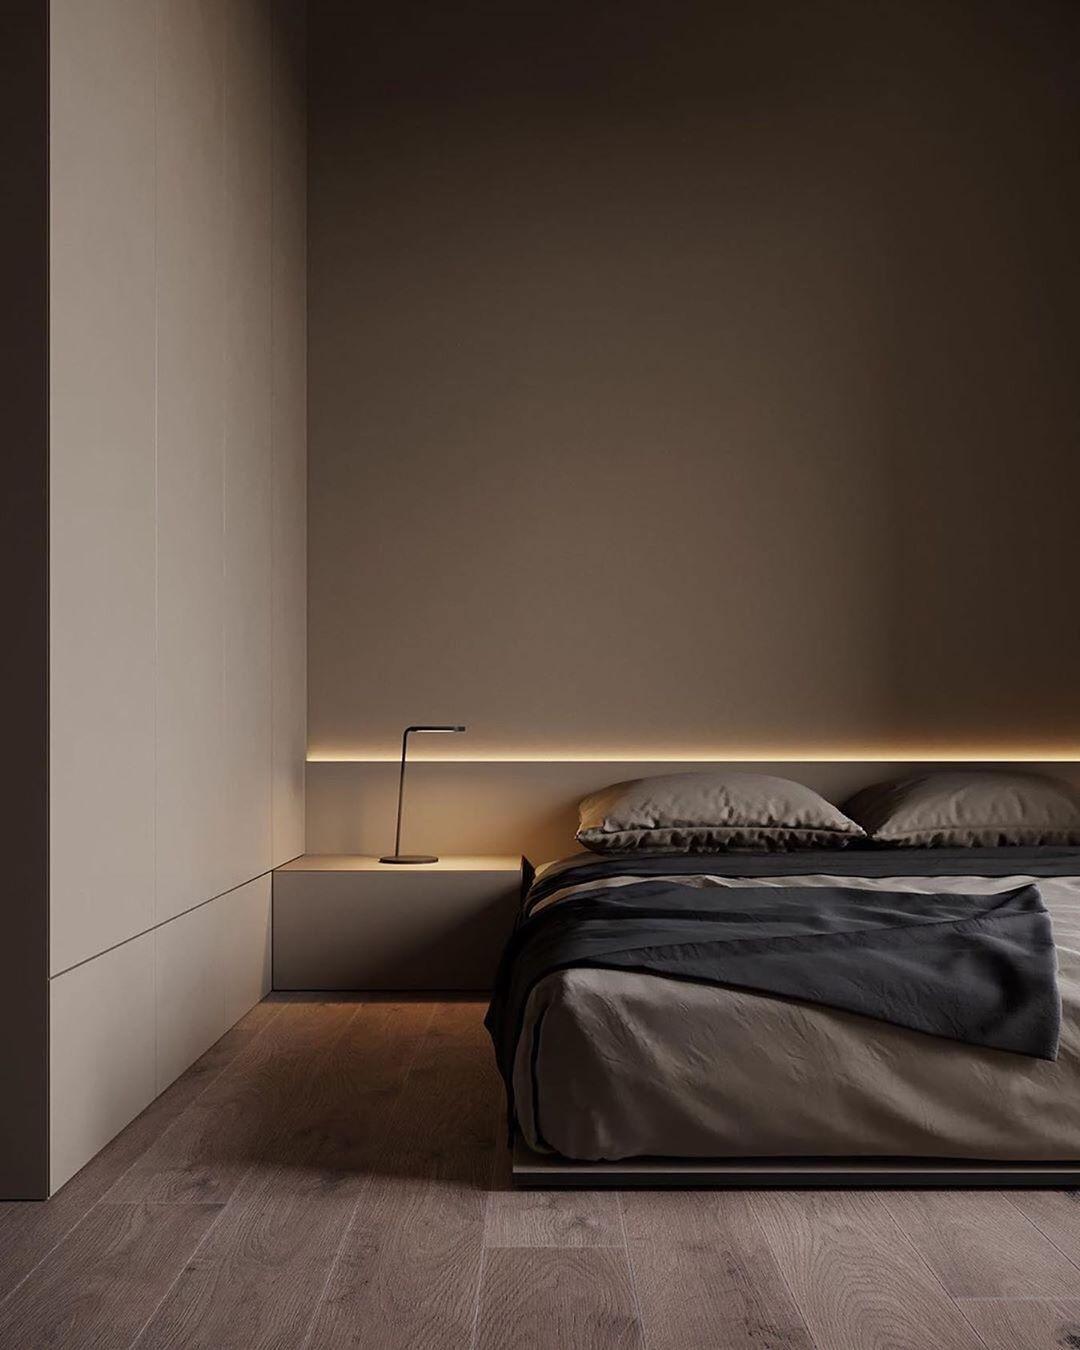 Minimal Interior Design Inspiration 207 Ultralinx Minimal Interior Design Minimalism Interior Interior Design Bedroom